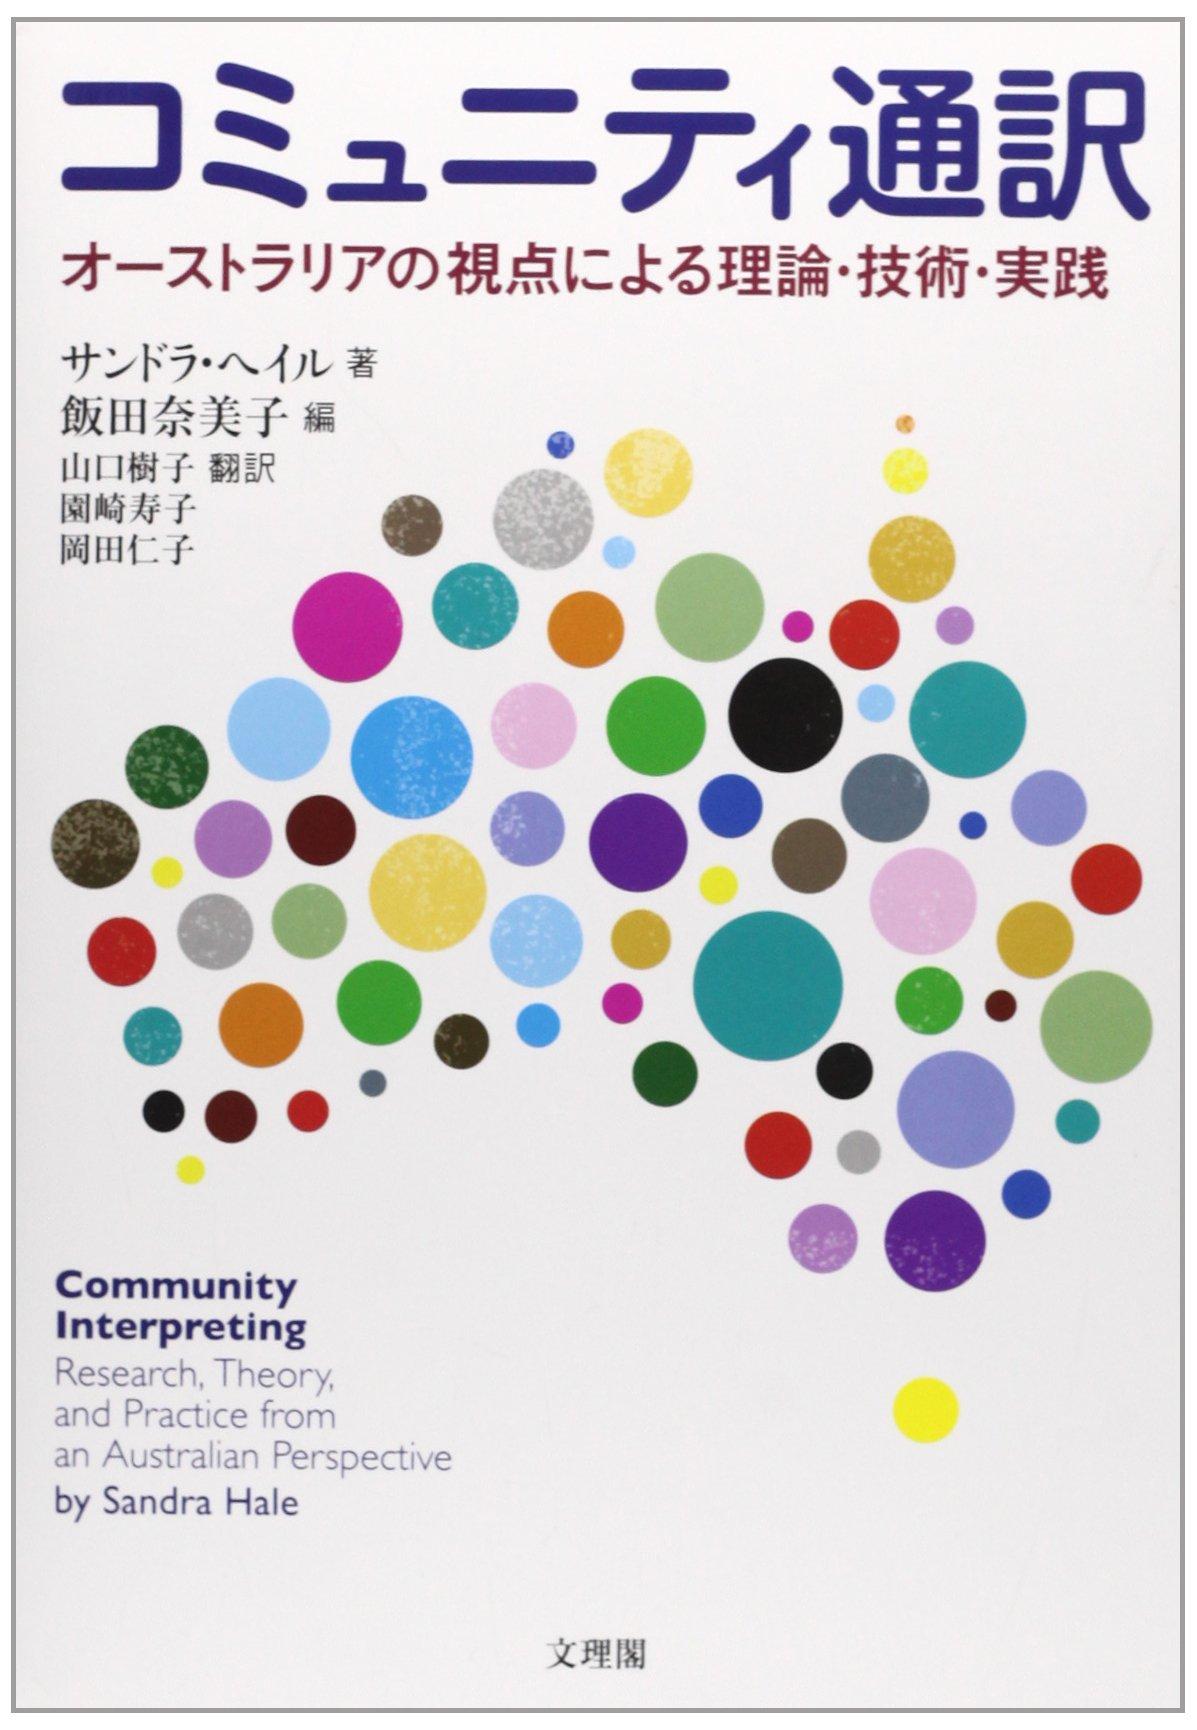 『コミュニティ通訳——オーストラリアの視点による理論・技術・実践』表紙イメージ